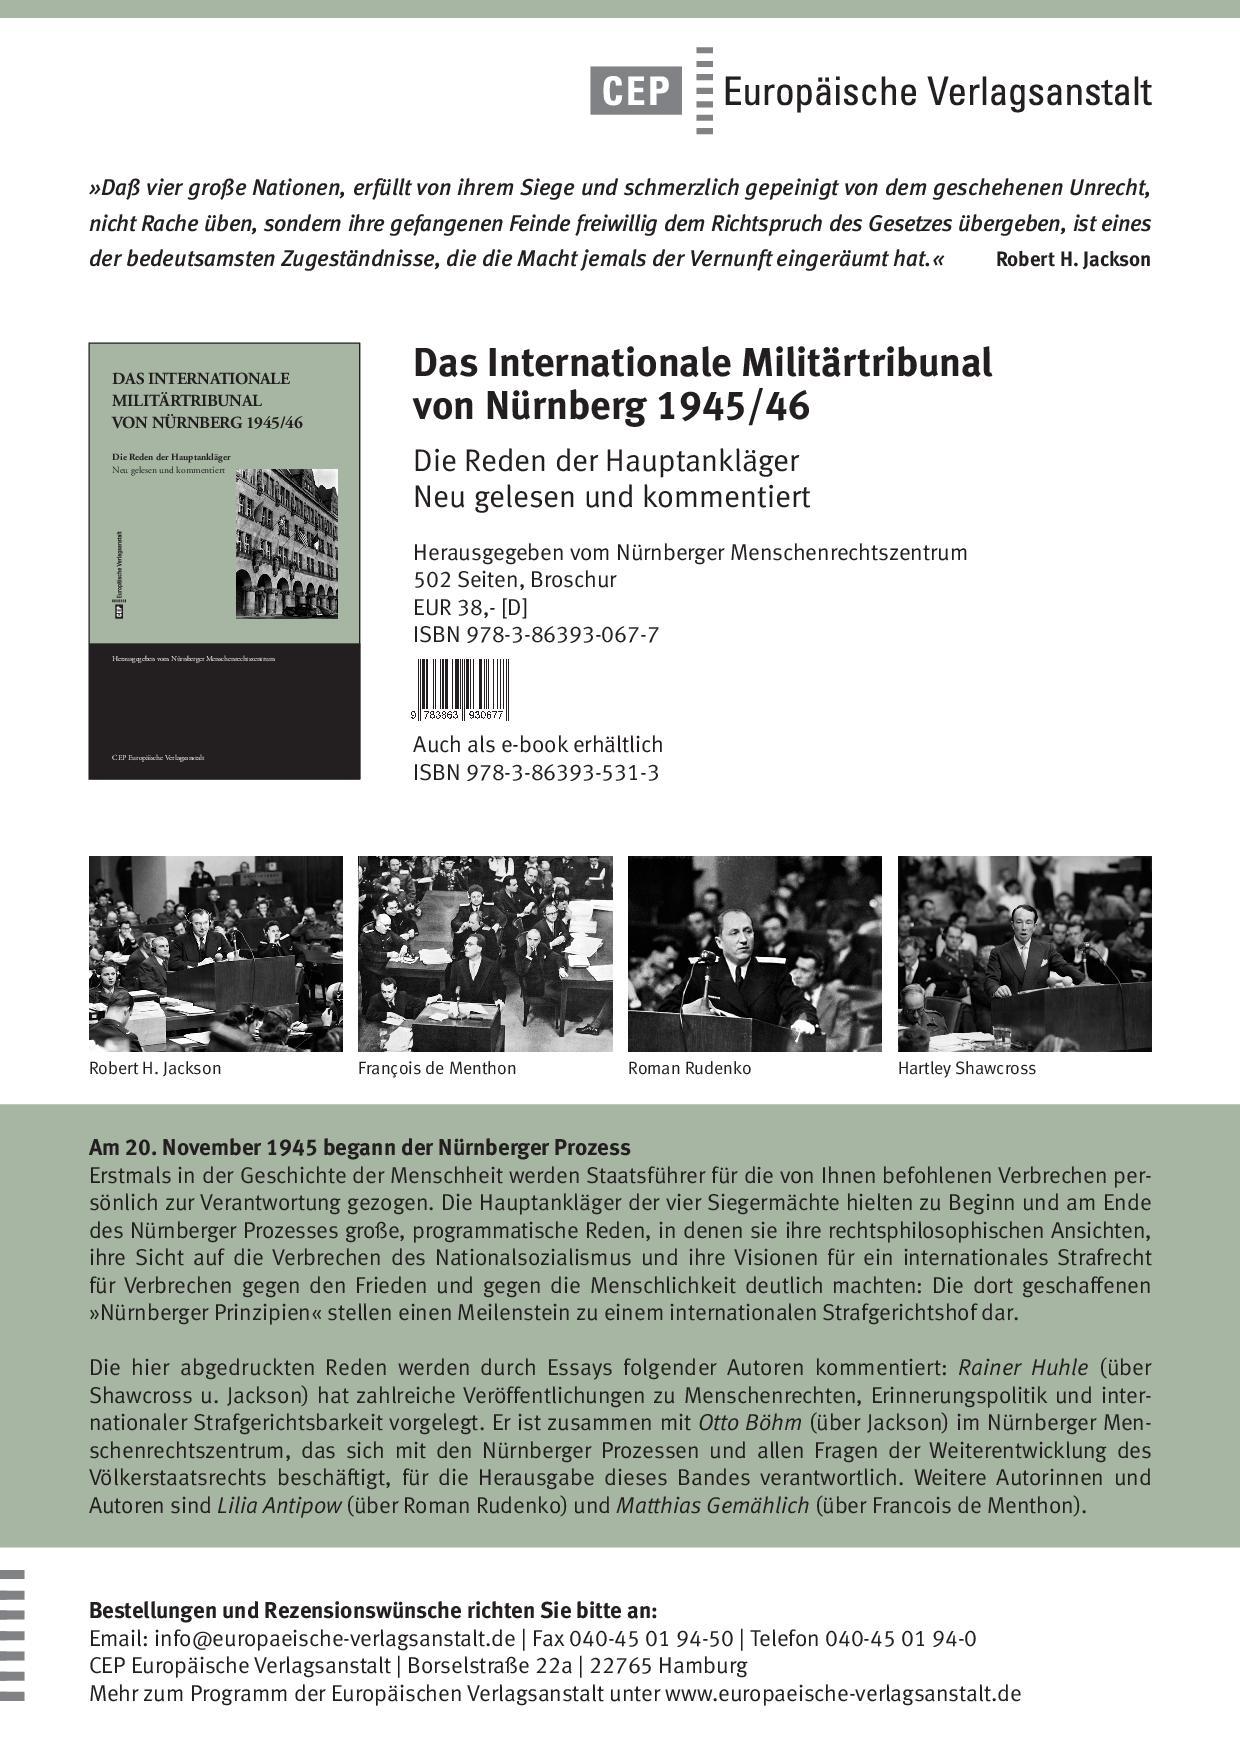 CEP_Nuernberg_A4_Flyer_RZ_ohne-001